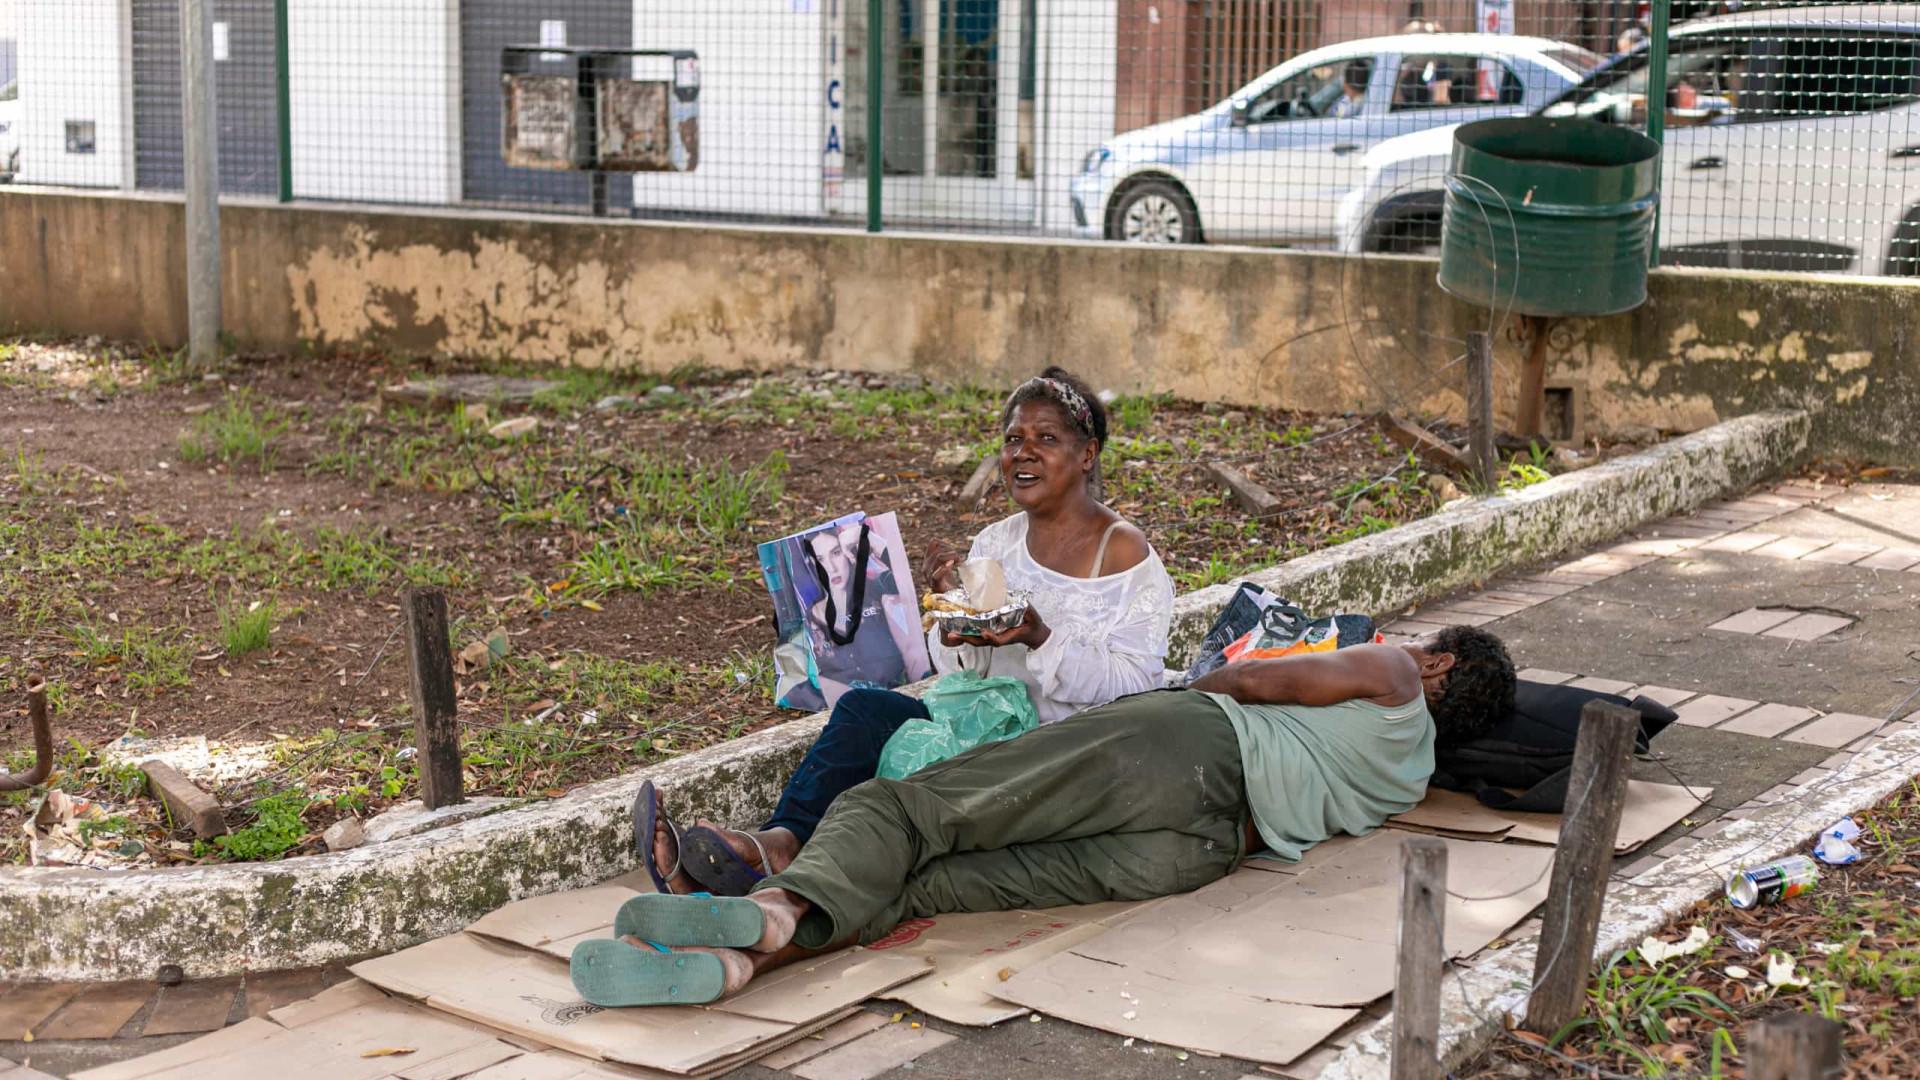 Covid e desigualdade em alta devem emperrar reformas e favorecer extremistas